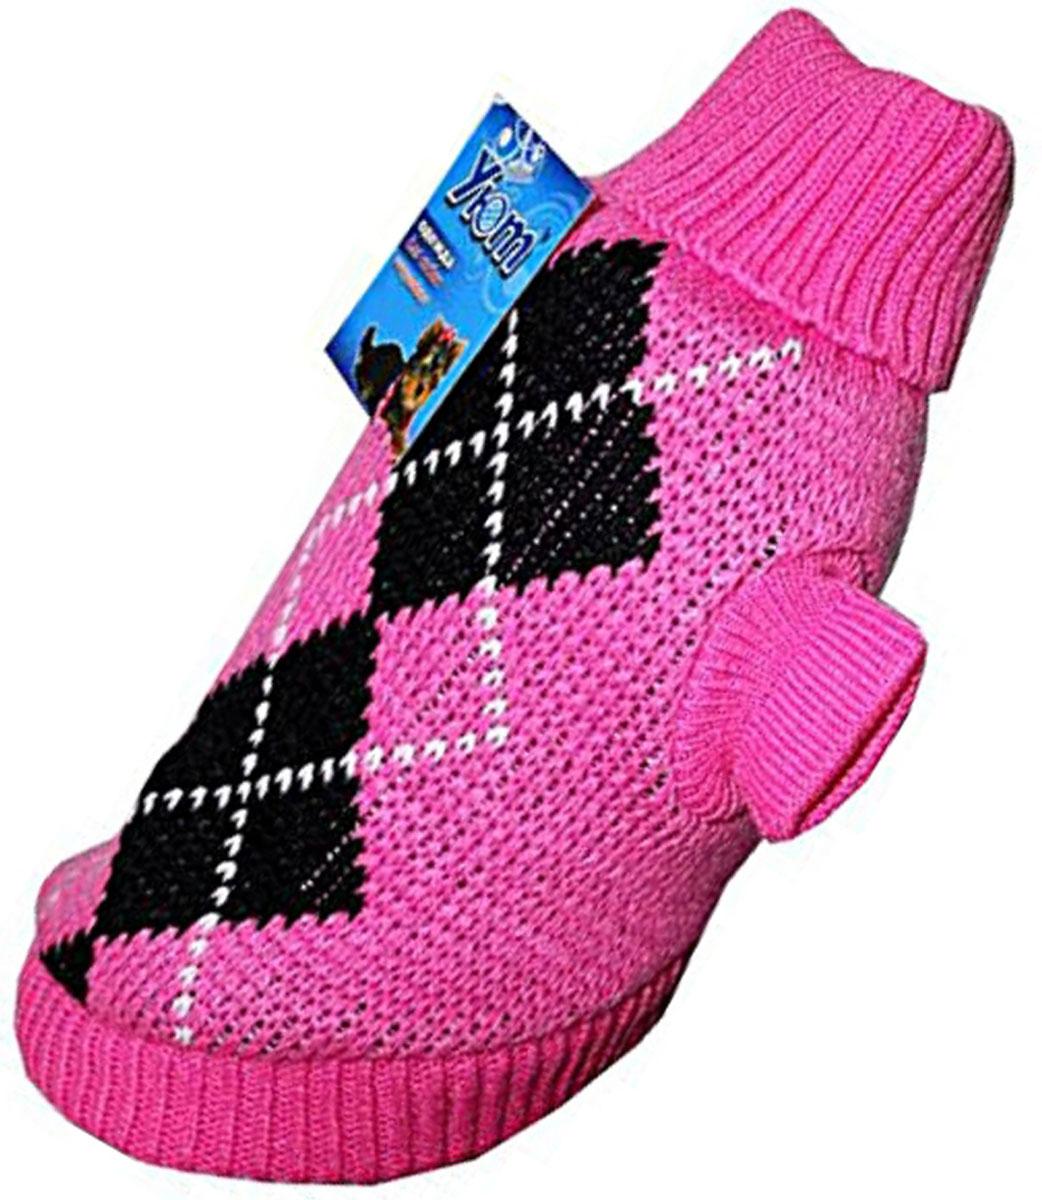 """Свитер для собак """"Уют"""", для девочки, цвет: розовый. НМ11ХС. Размер XS"""